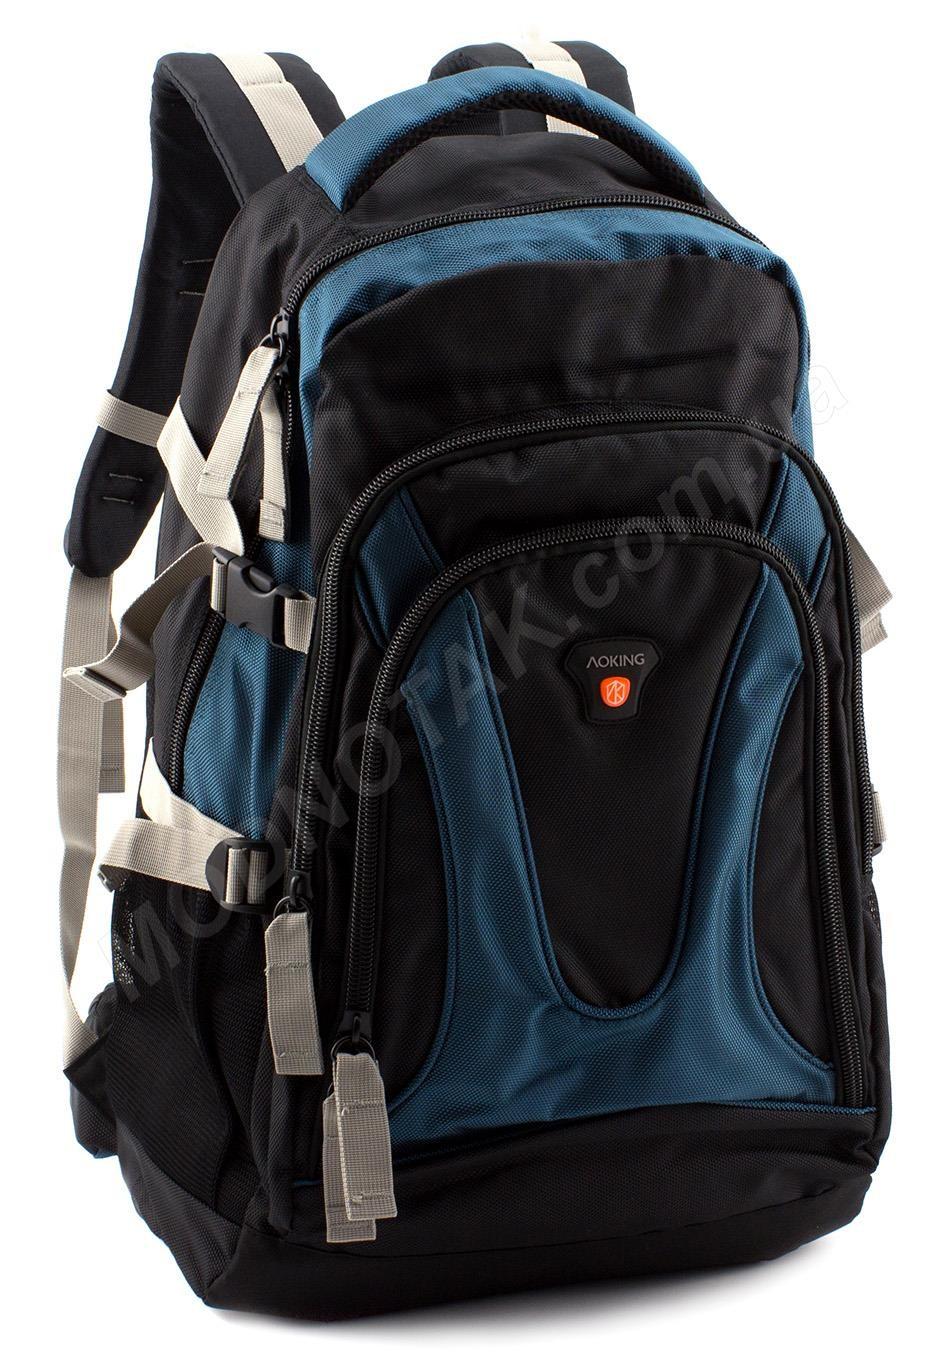 Рюкзаки с тремя отделениями и более на заказ рюкзак экспедиционный бундес